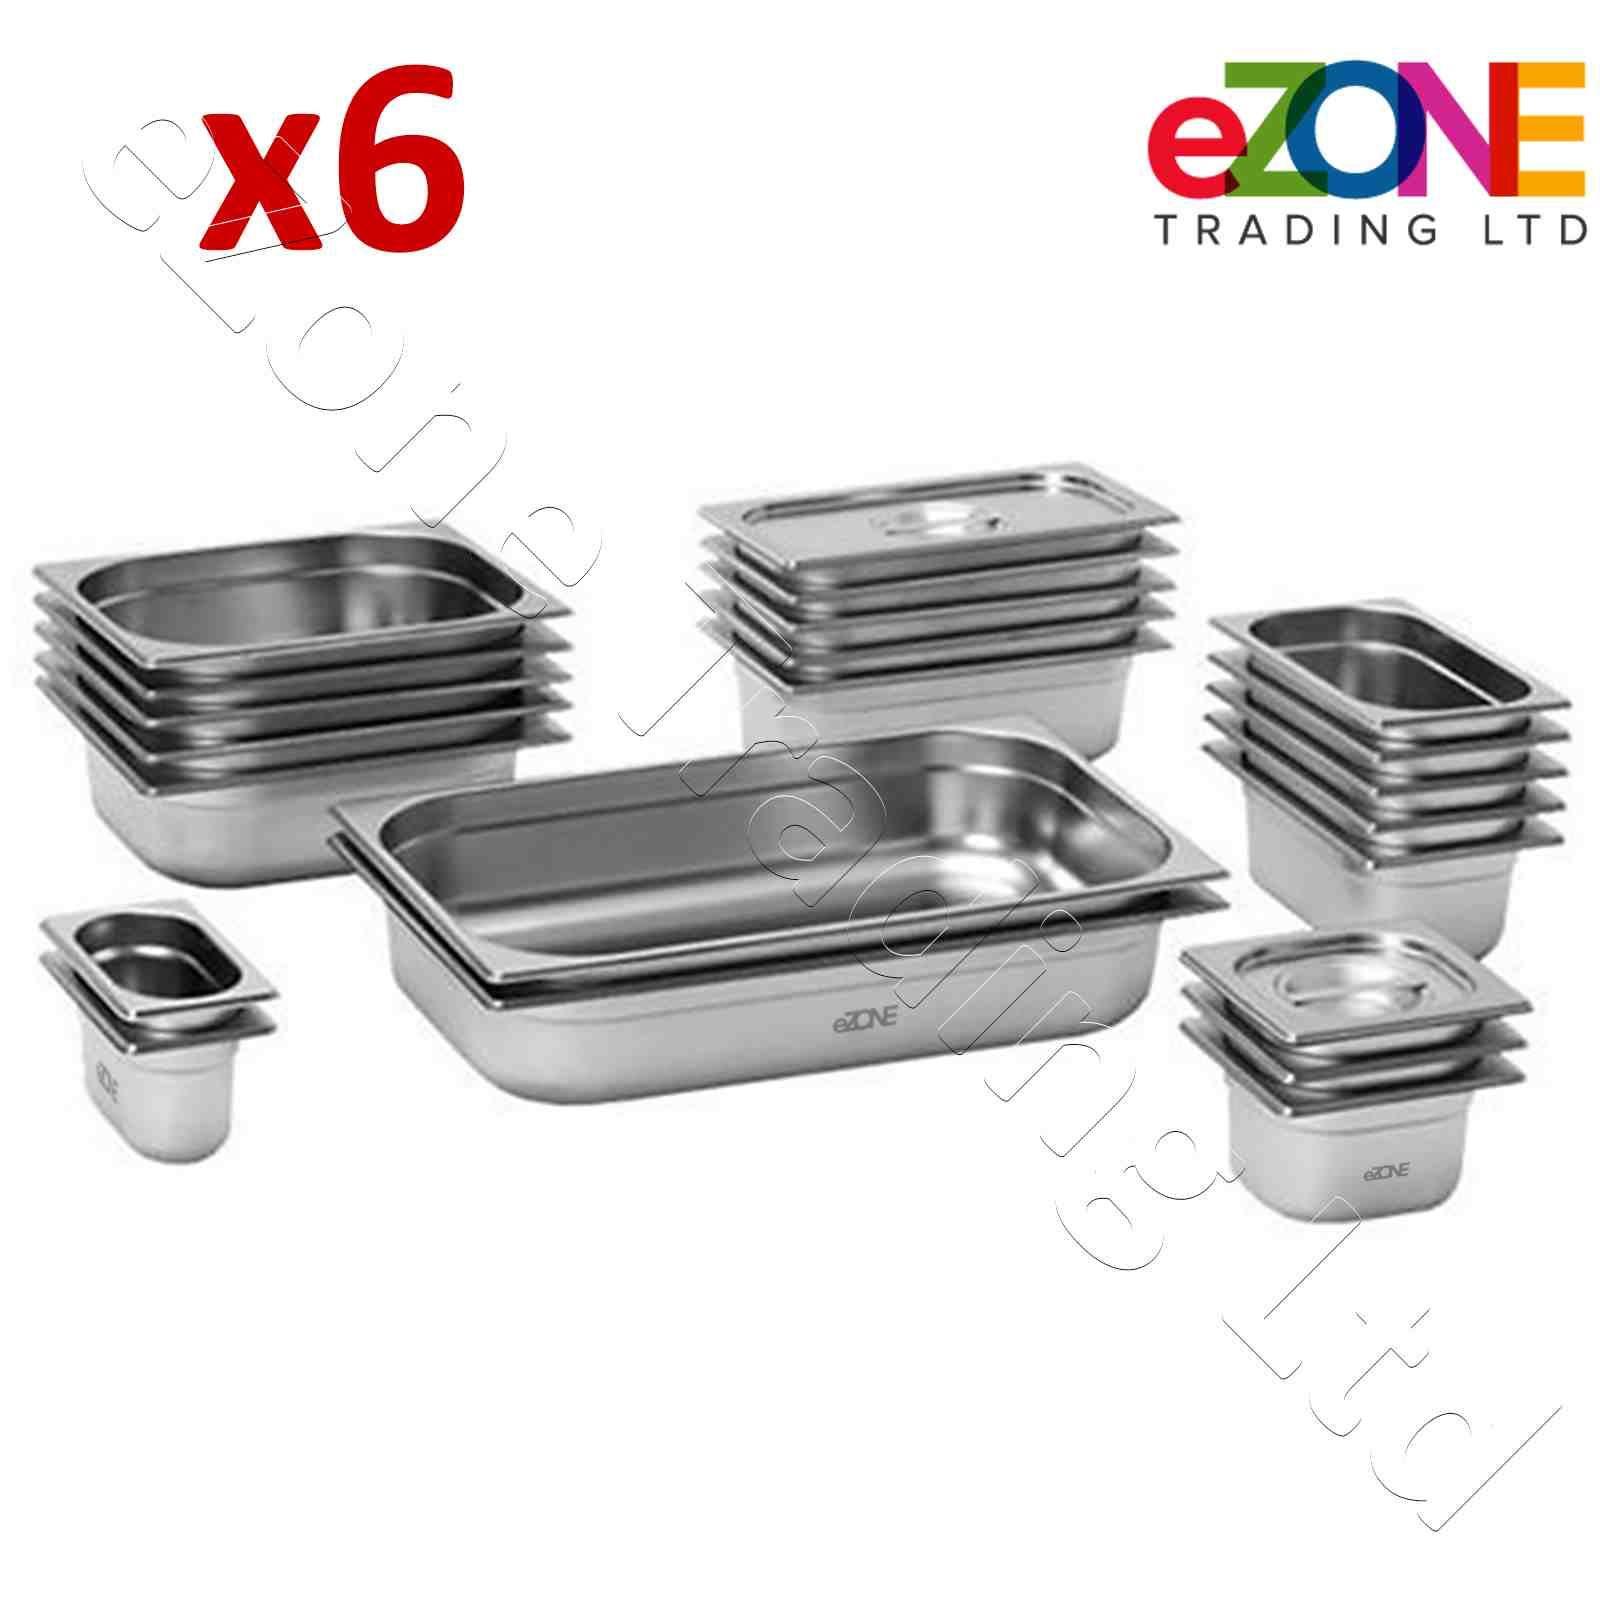 2019 DernièRe Conception 6x Borne Pan En Acier Inoxydable Gastro Conteneur Plateau Bain Marie Food Pot Couvercle-afficher Le Titre D'origine AgréAble En ArrièRe-GoûT